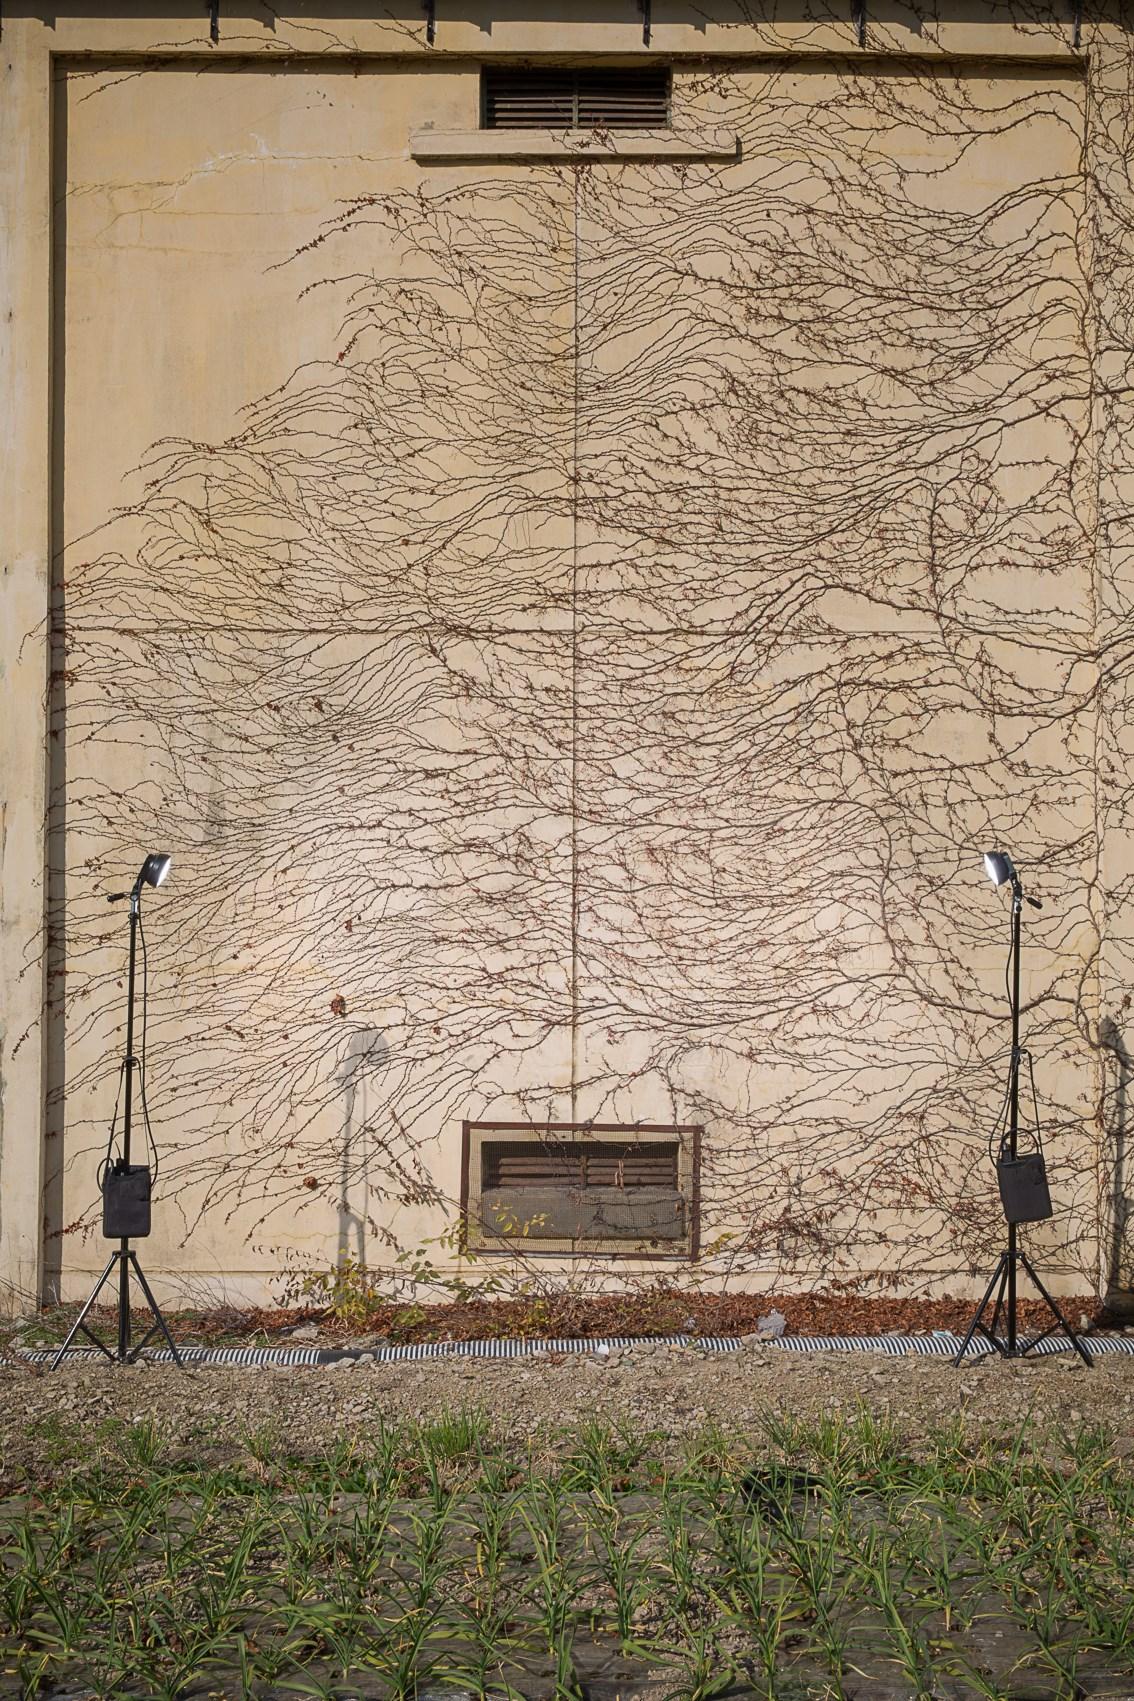 김윤호, 넓은 벽, Digital C-print, 174 x 124cm, 2017, ONE AND J